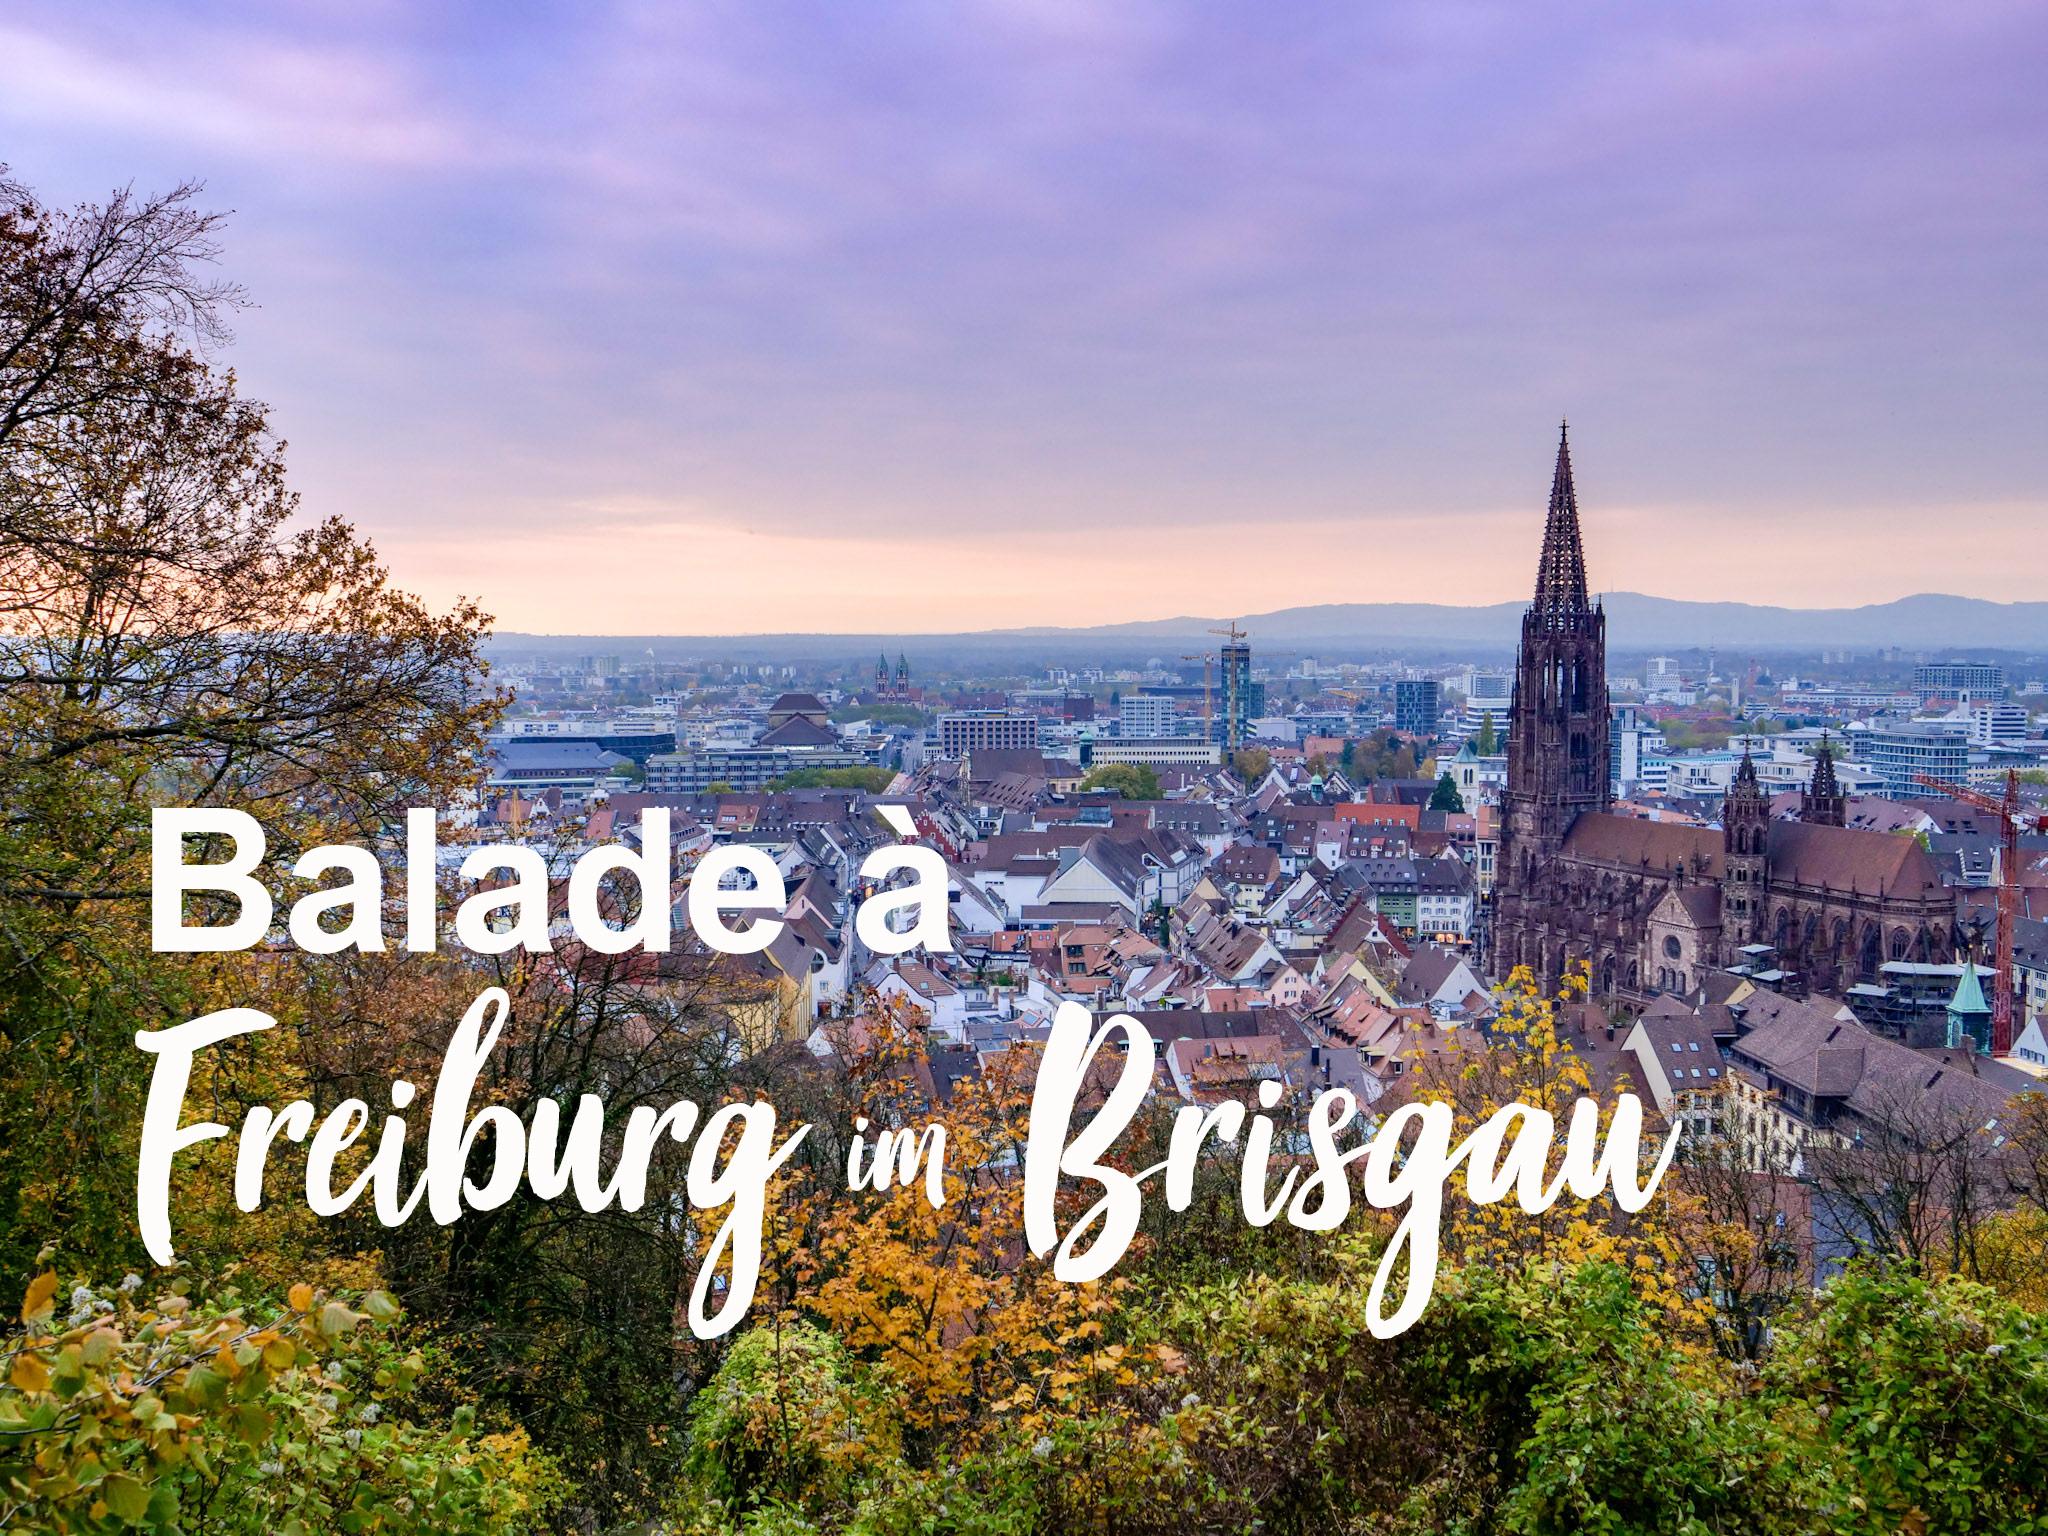 Freiburg im Brisgau